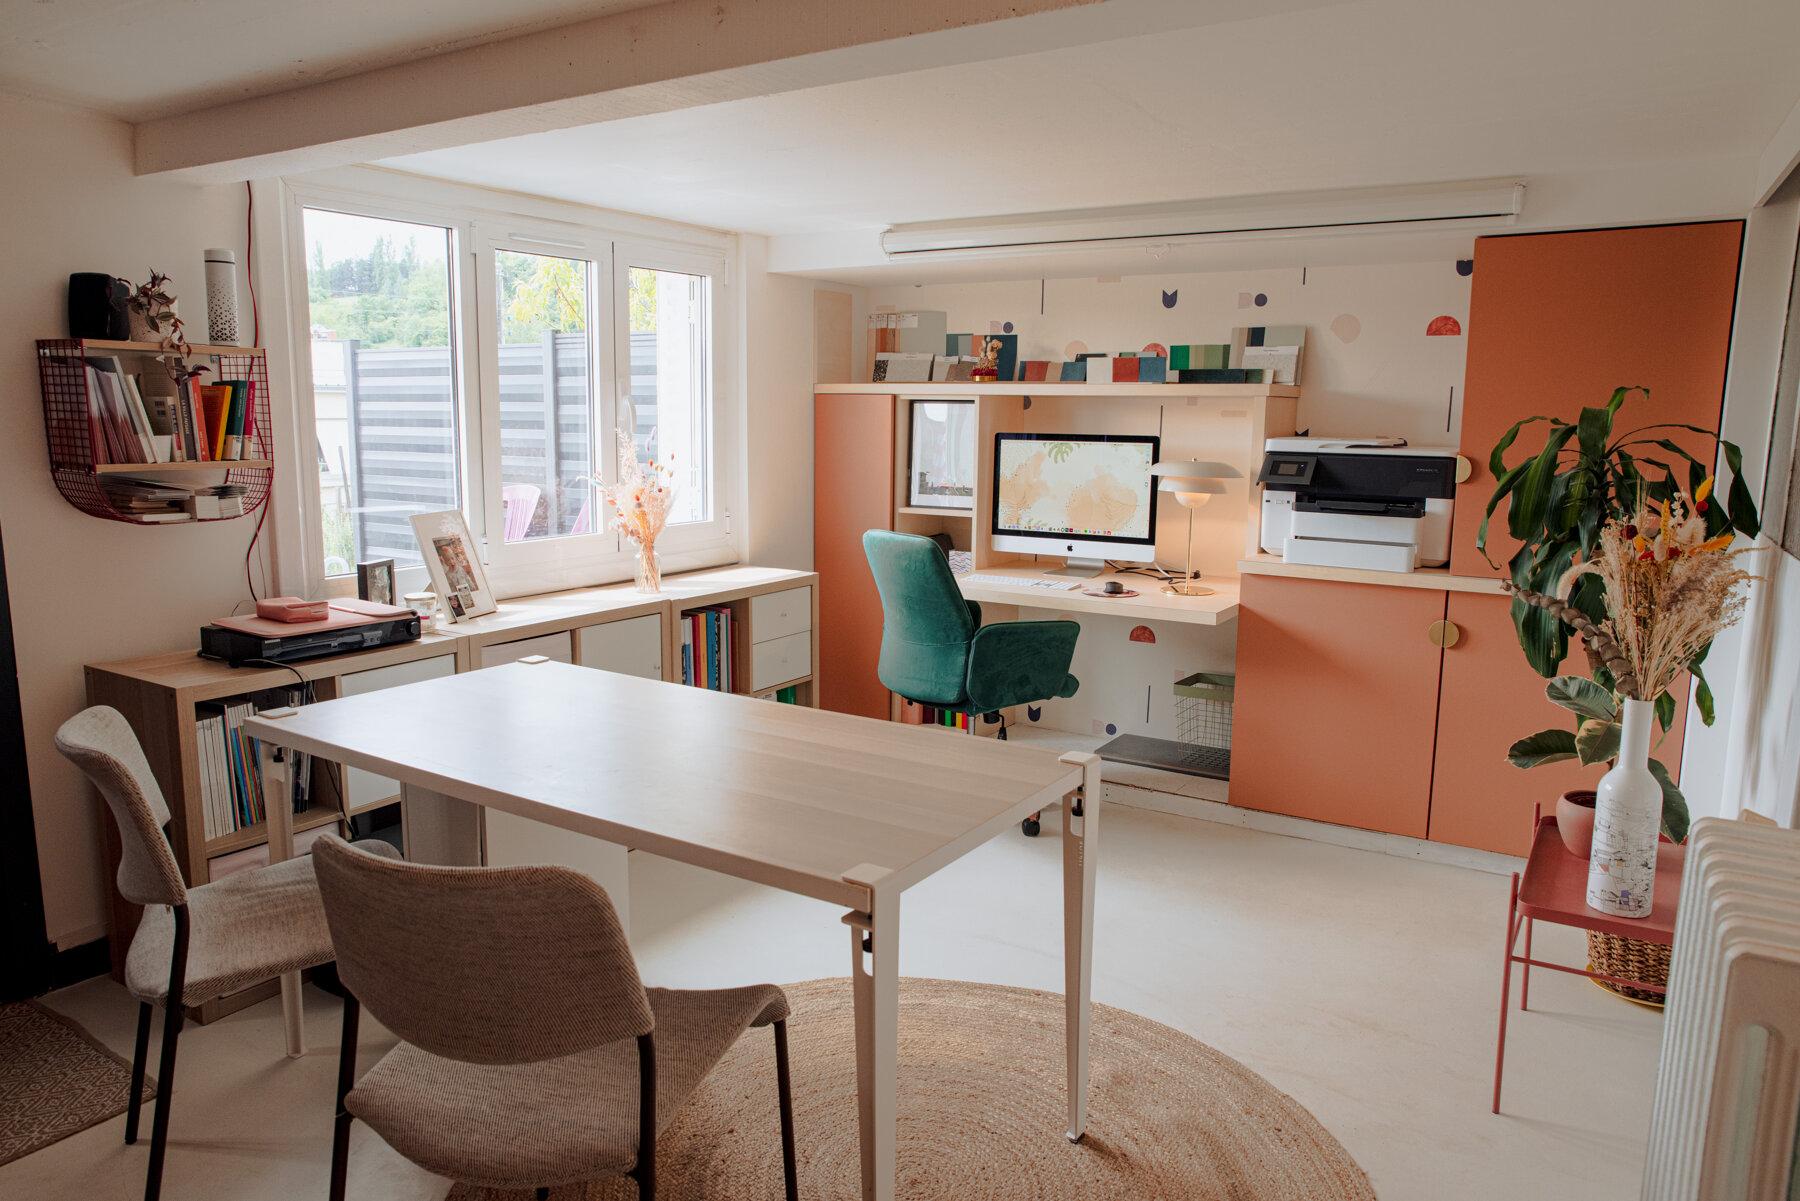 Réaménagement intérieur - Bureaux par un architecte Archidvisor